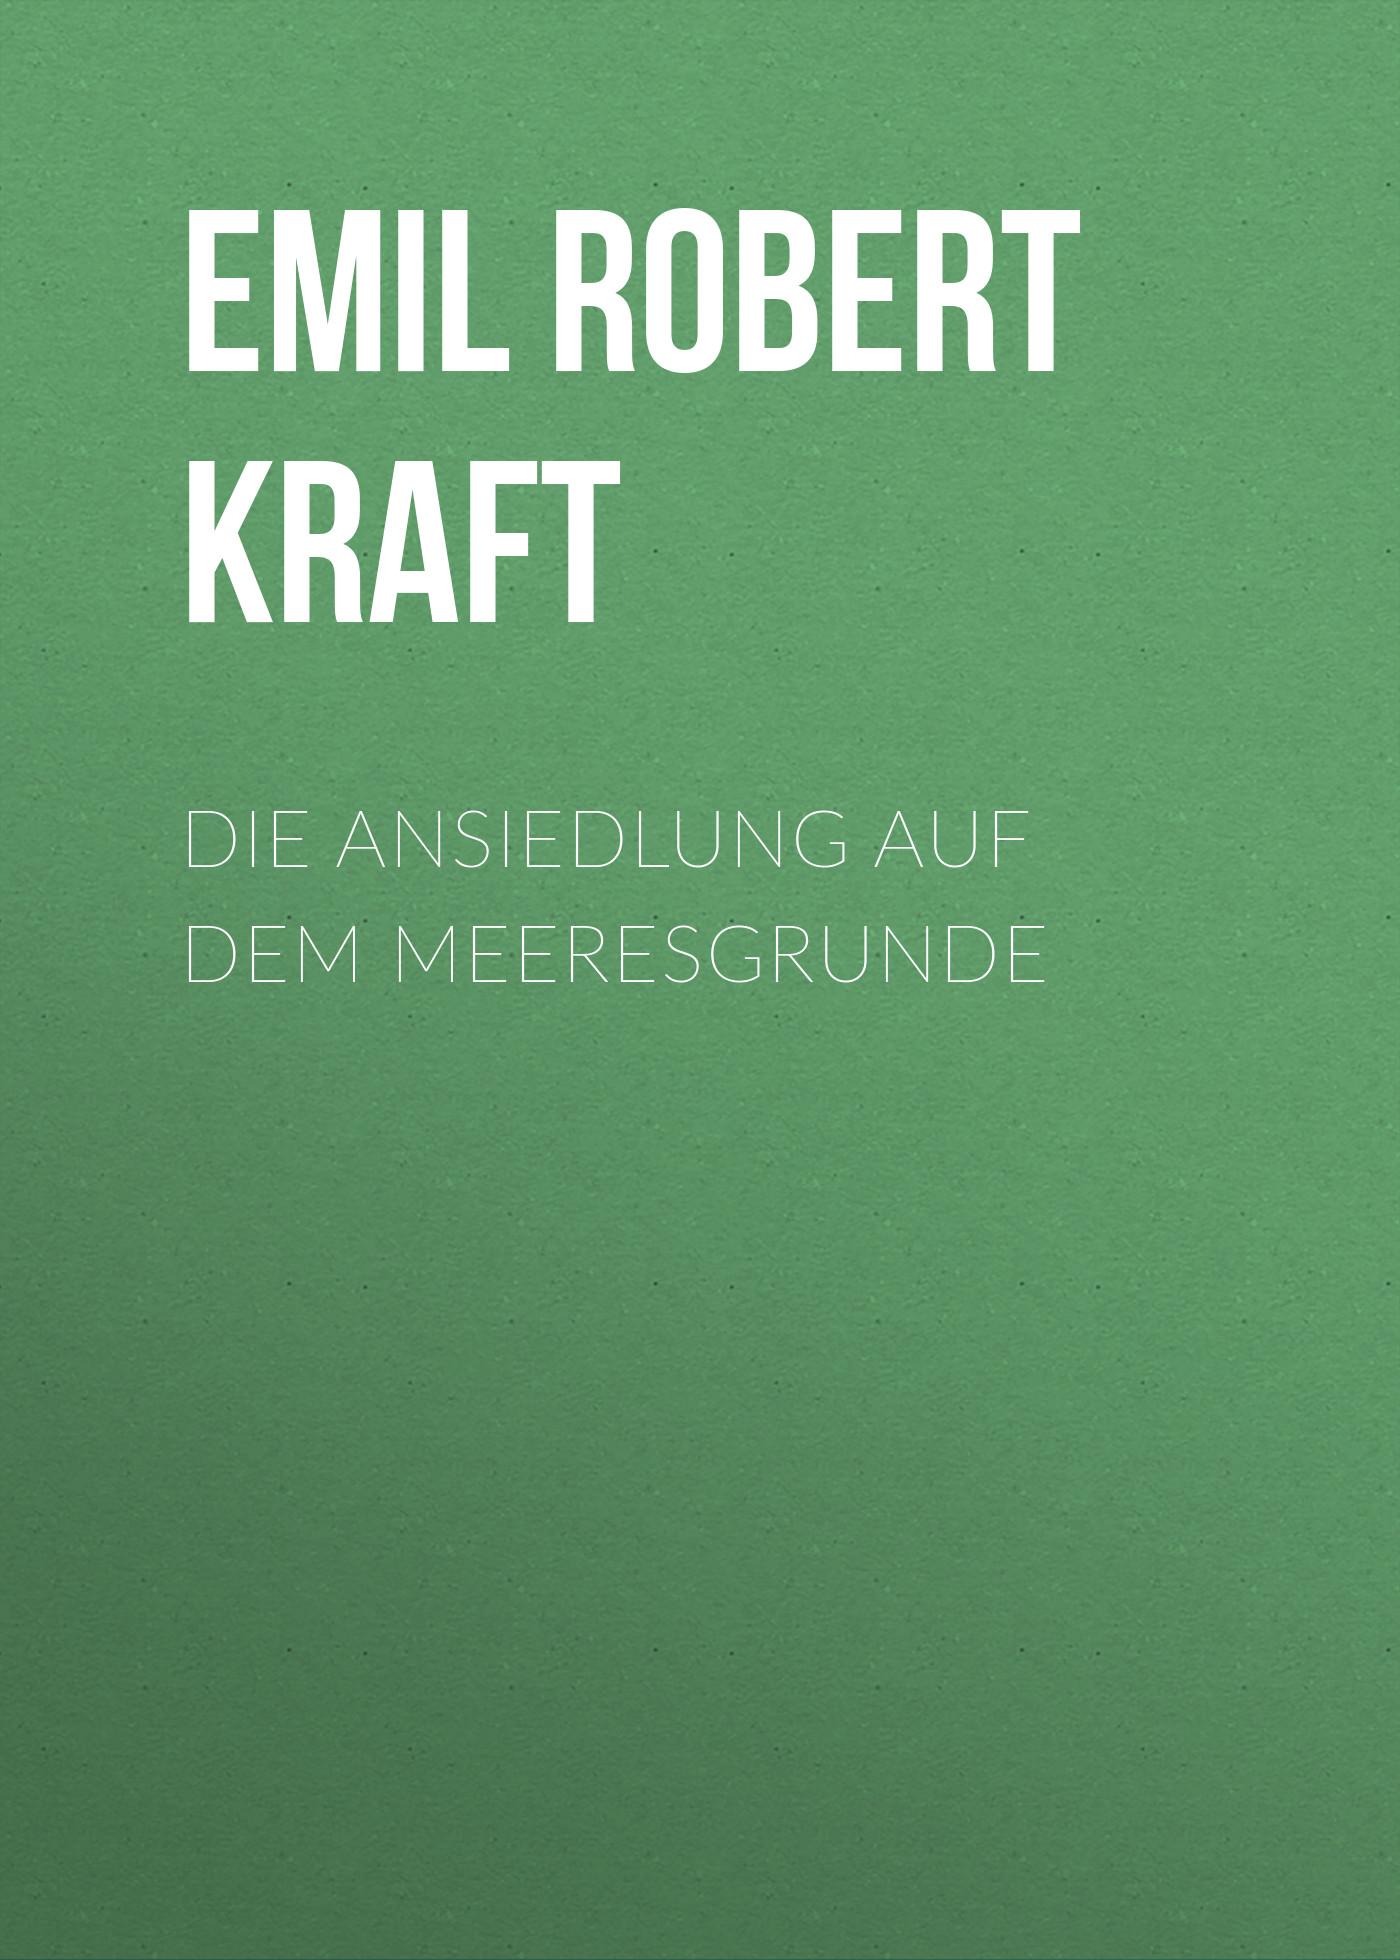 Emil Robert Kraft Die Ansiedlung auf dem Meeresgrunde